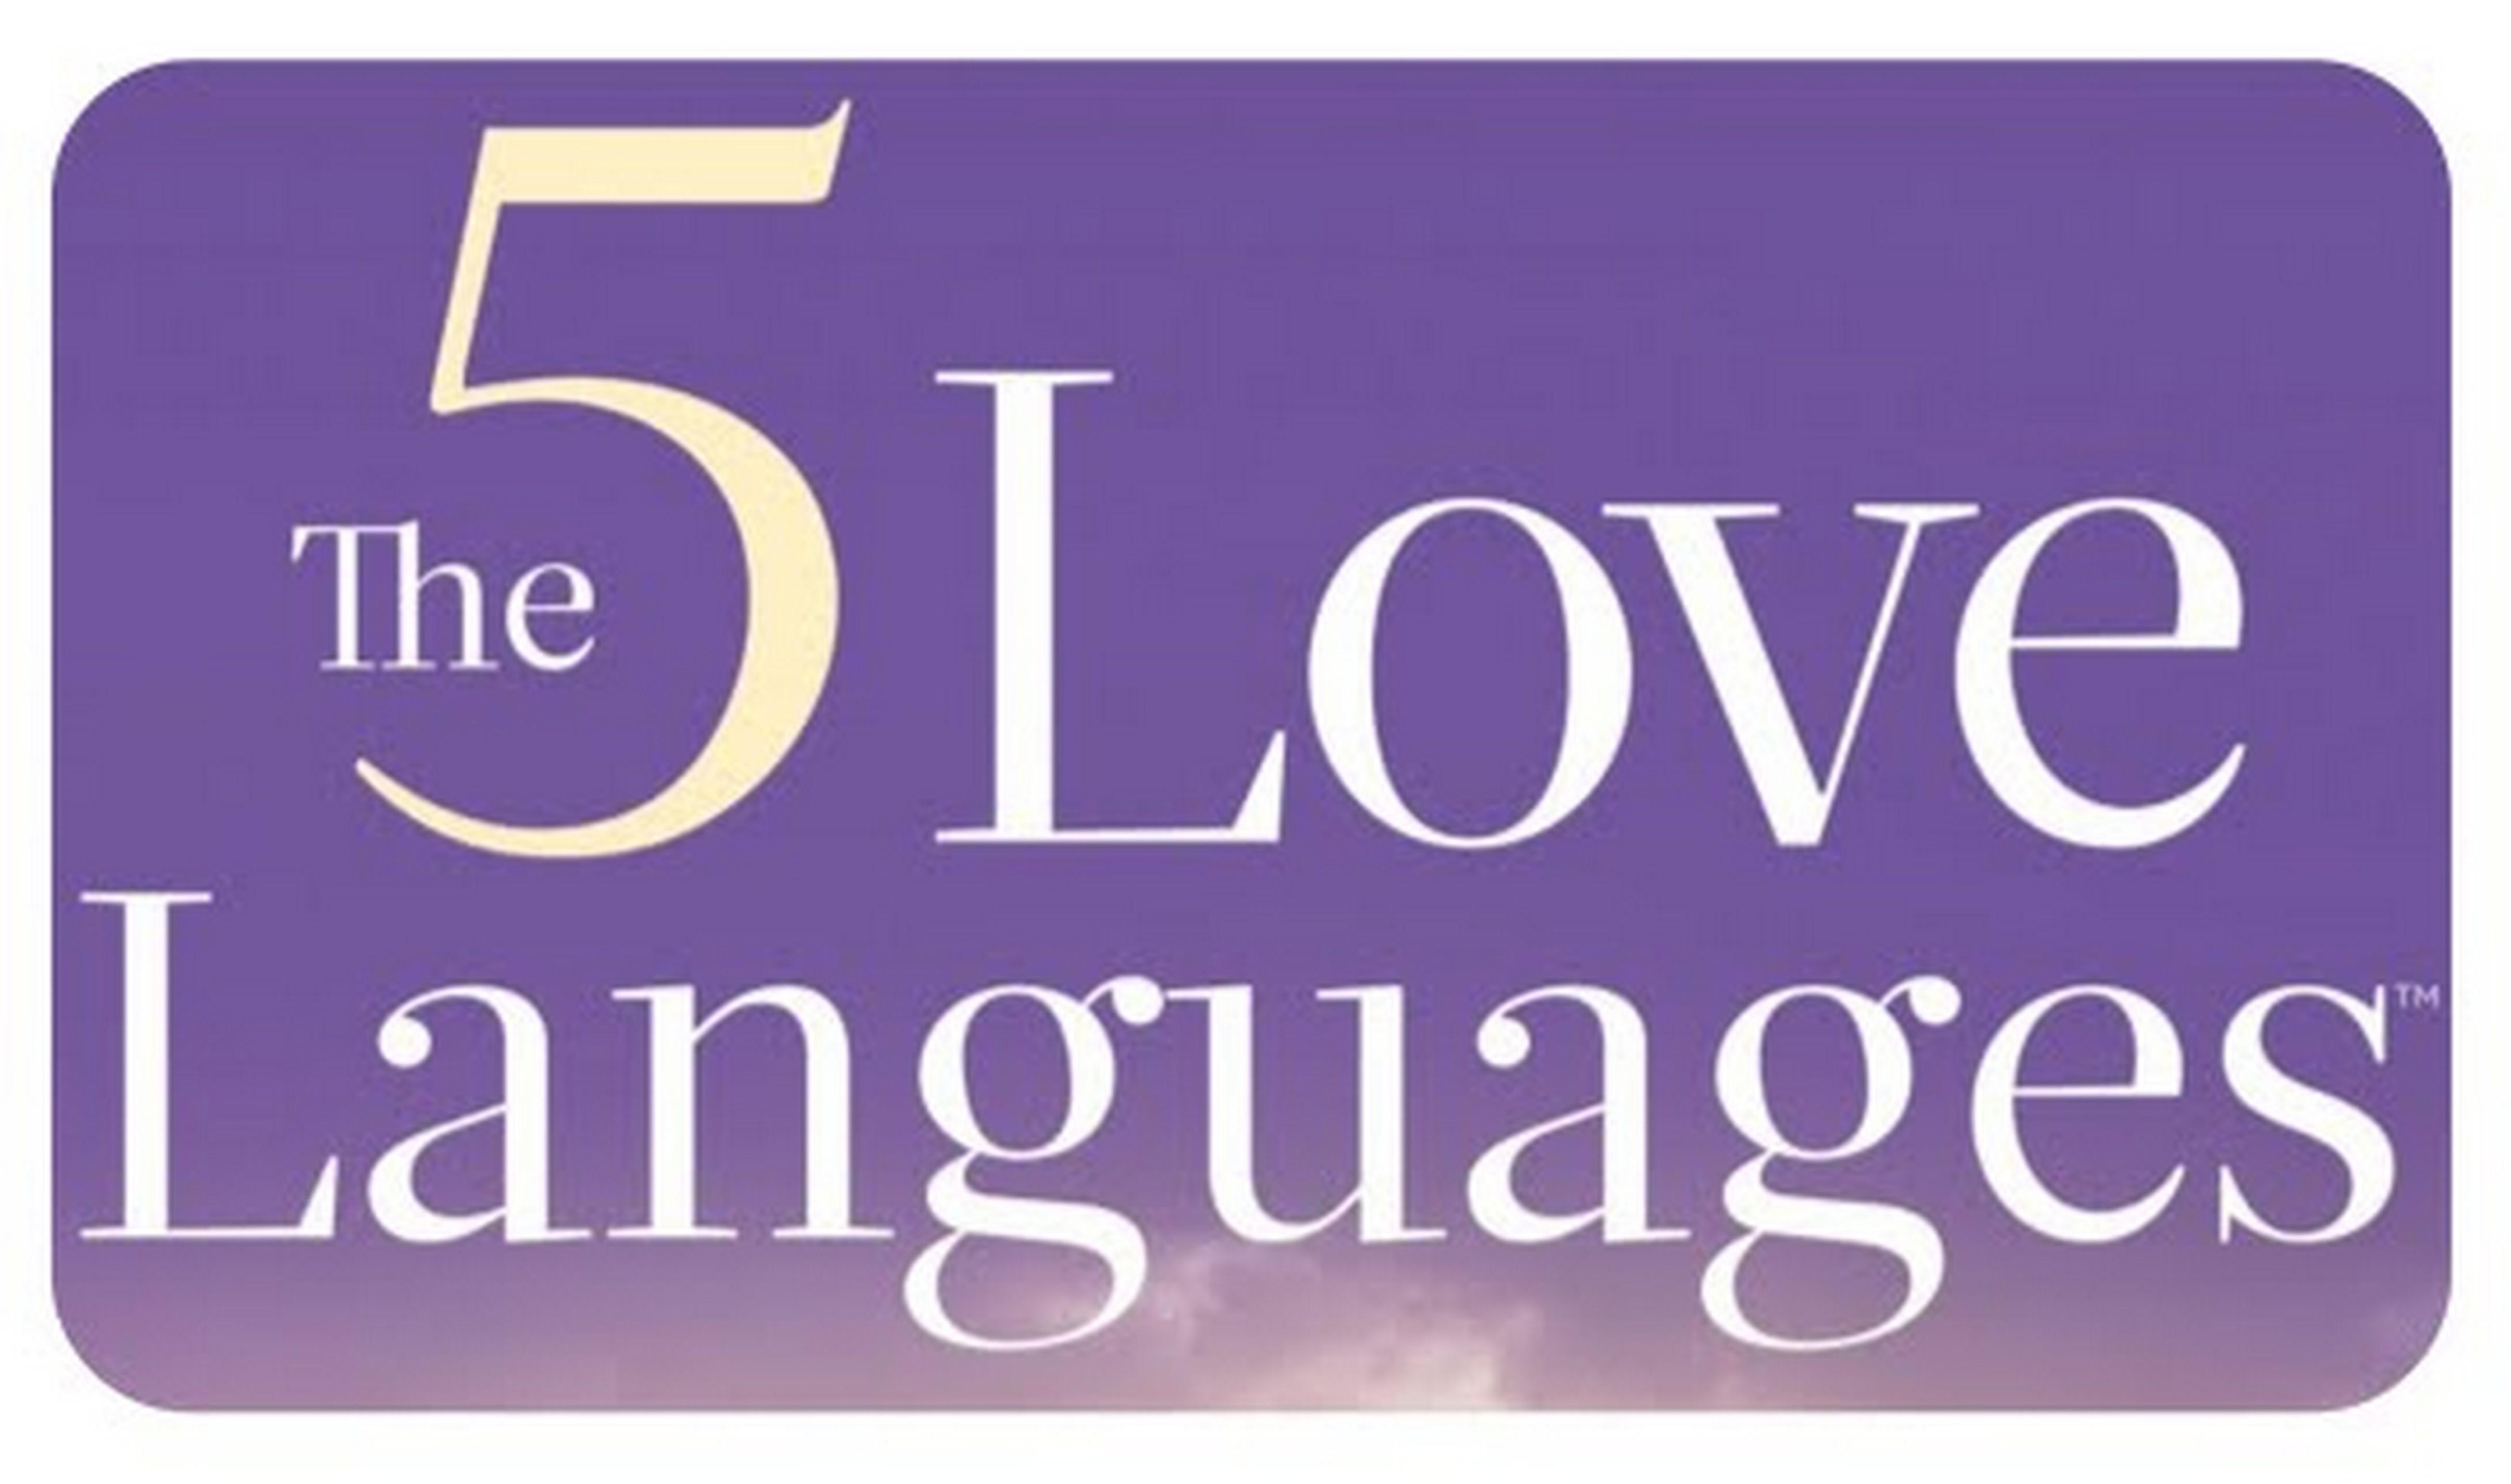 5-love-languages title purple